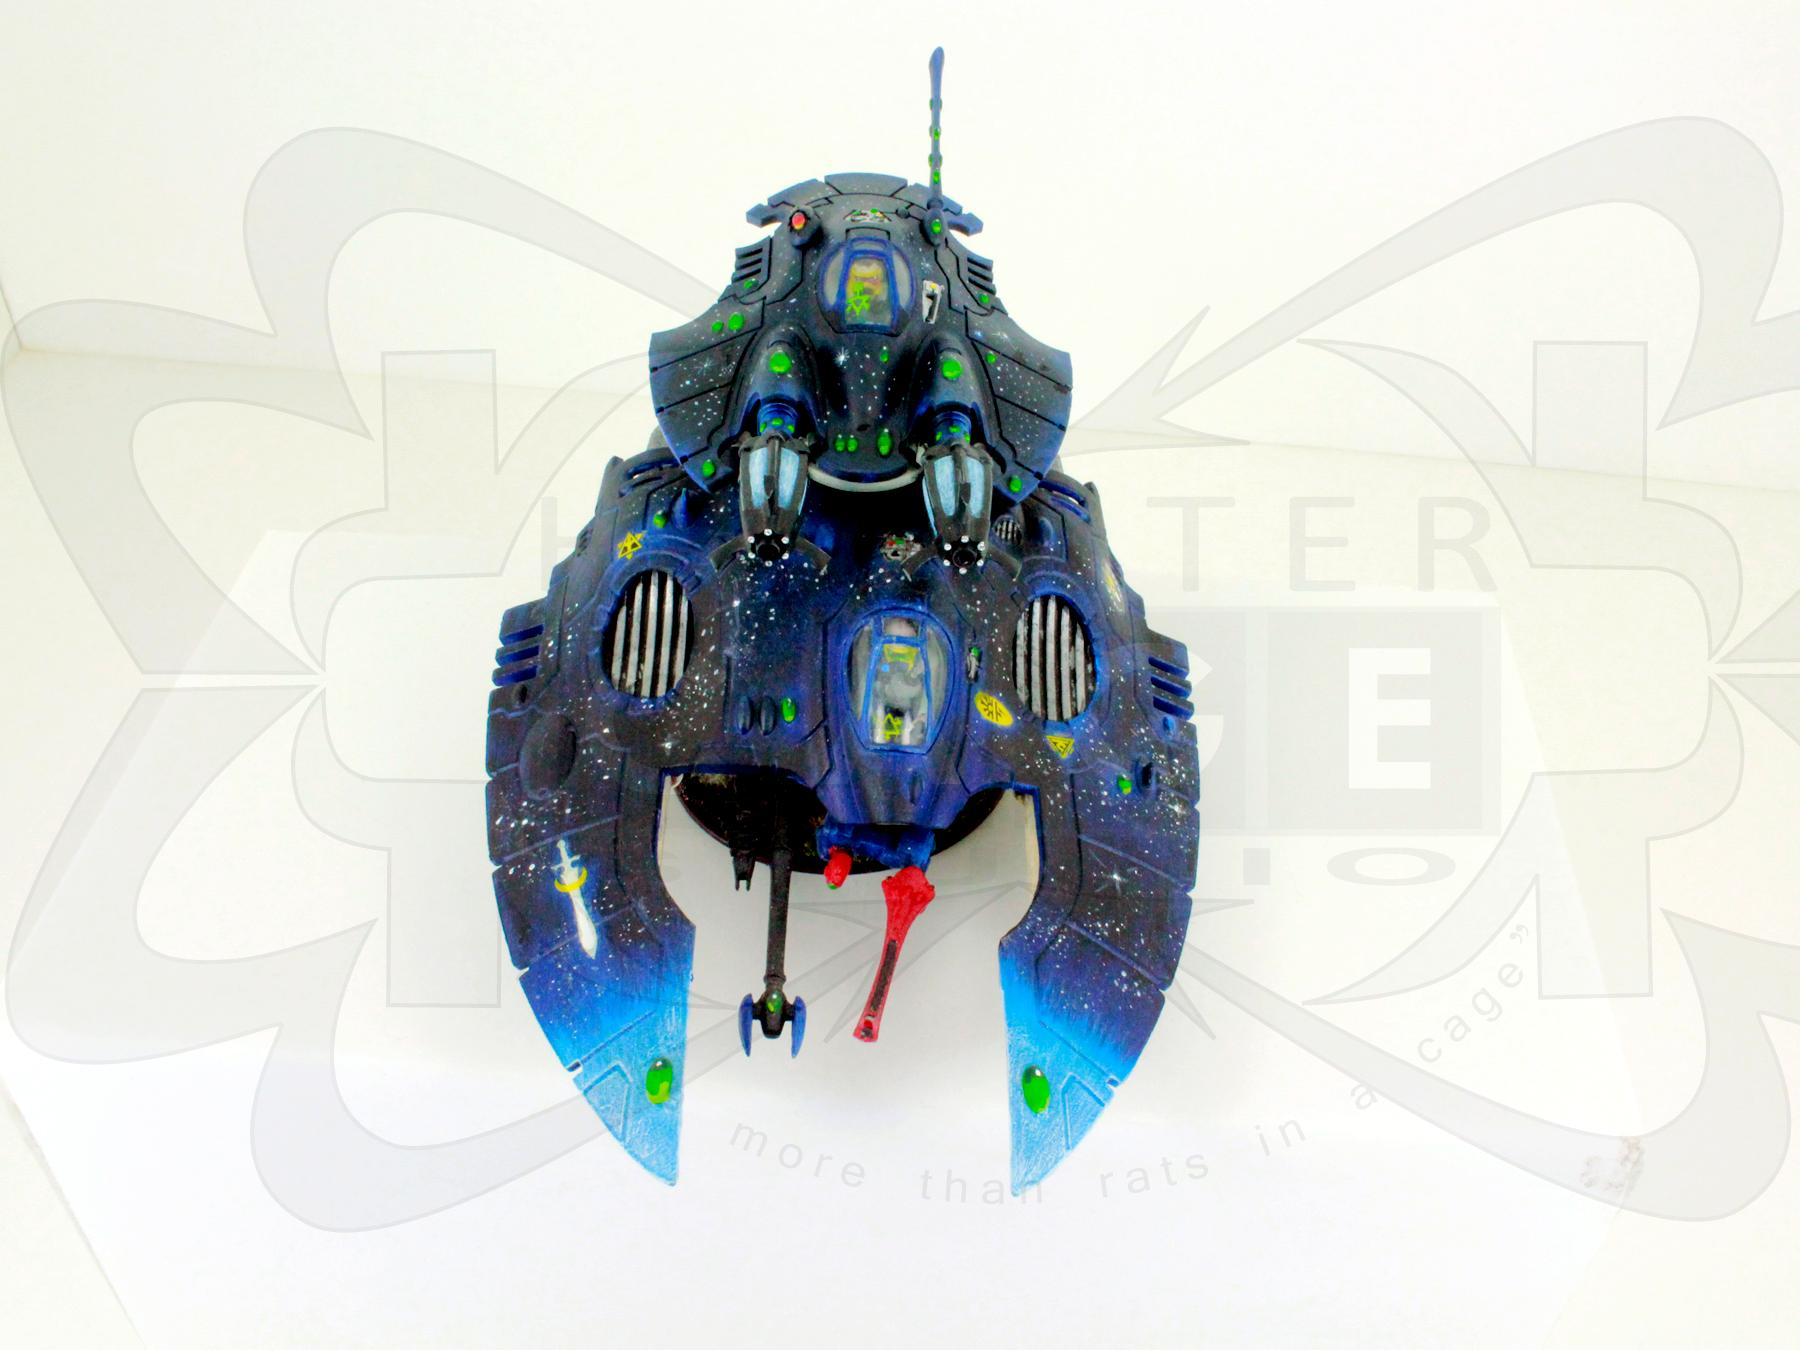 Conversion, Eldar, Eldar Jetbike, Eldar Nightspinner, Eldar Wave Serpent, Freehand, Mural, Nightspinner, Tank, Warlock